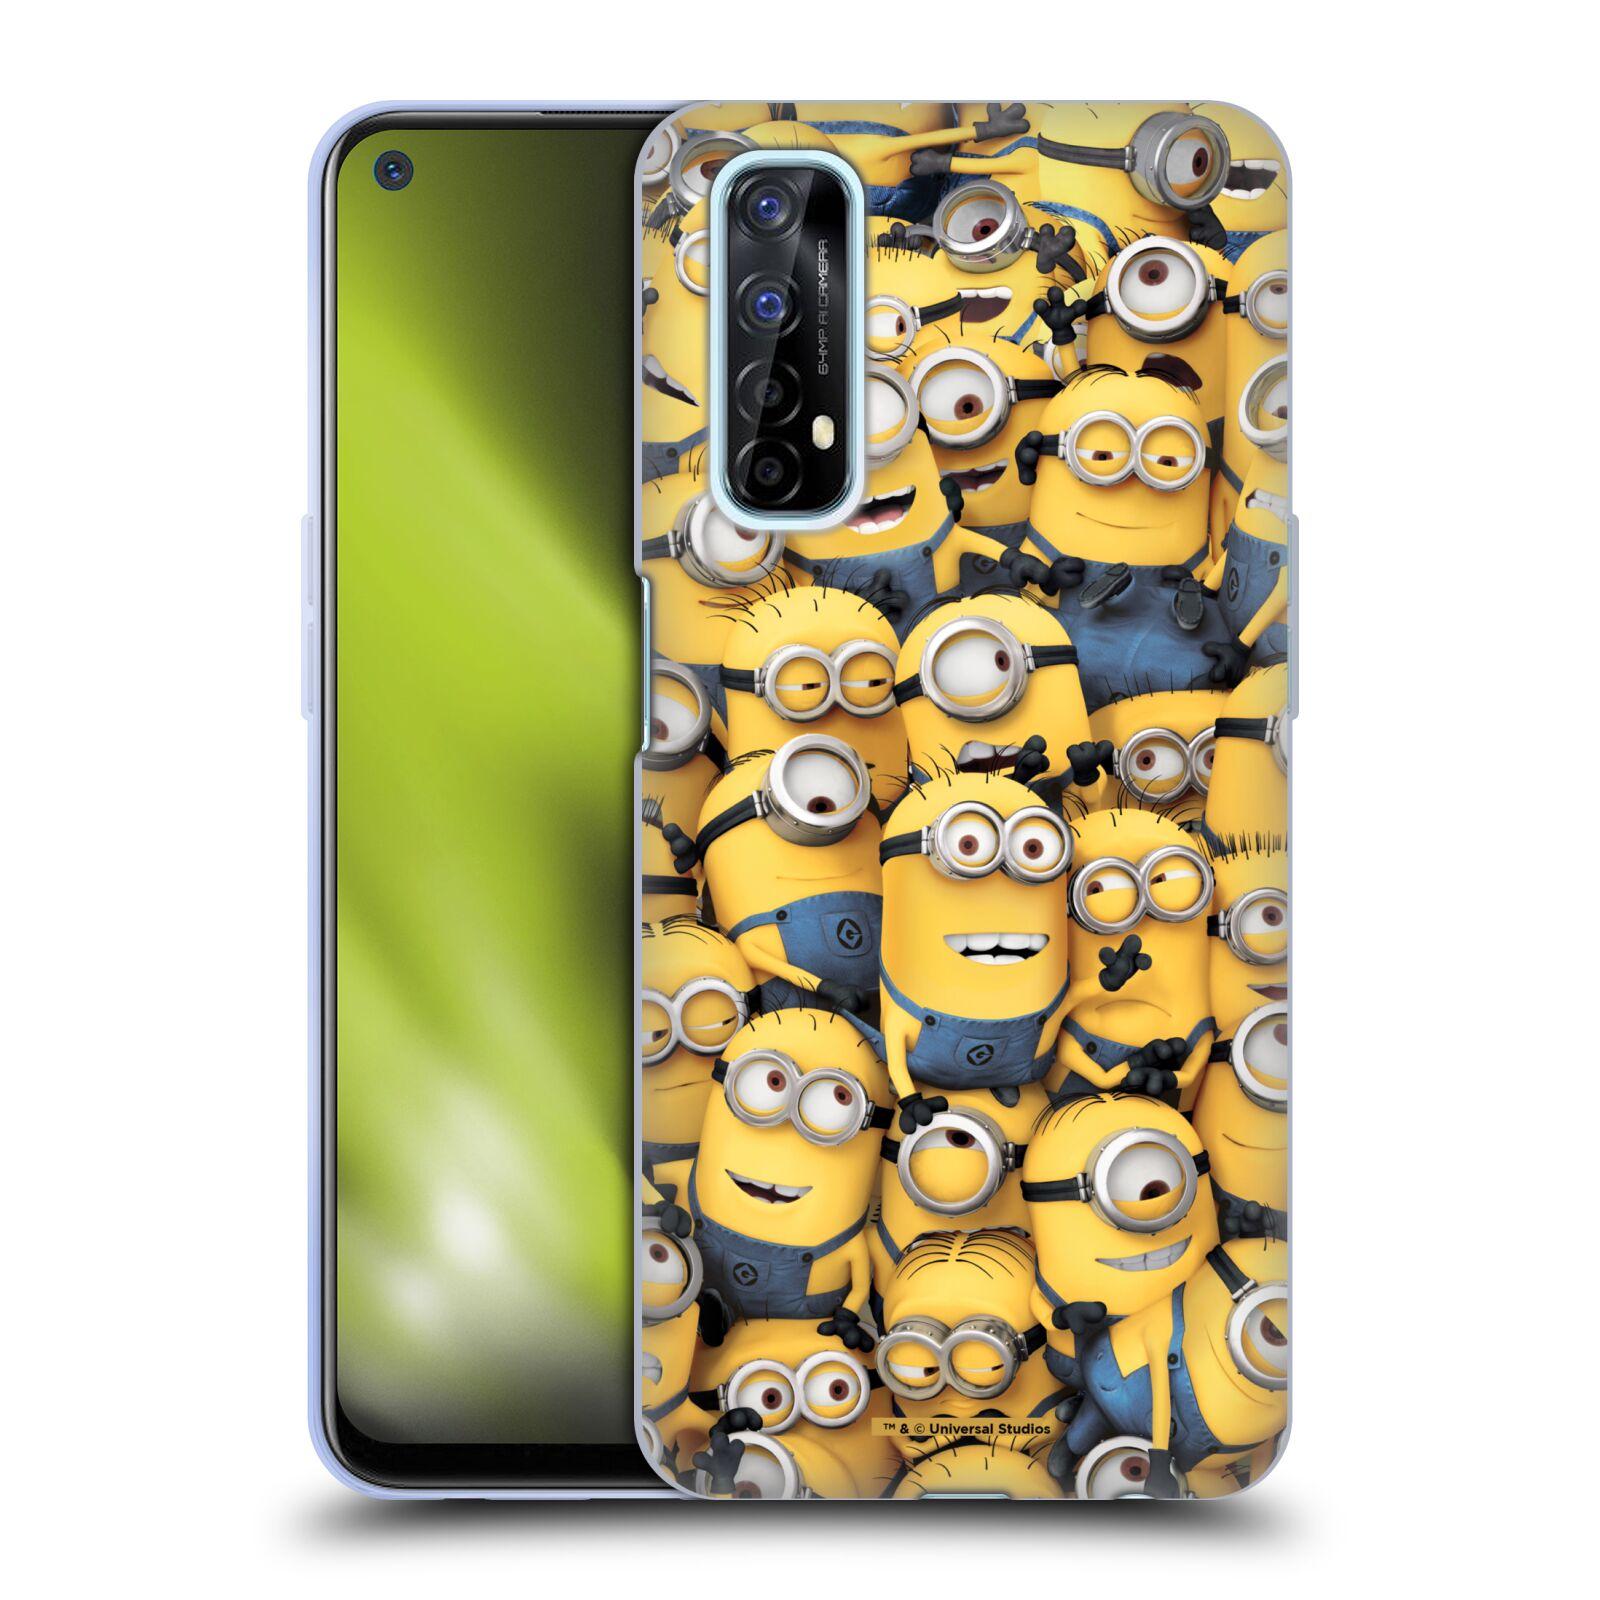 Silikonové pouzdro na mobil Realme 7 - Head Case - Mimoni všude z filmu Já, padouch - Despicable Me